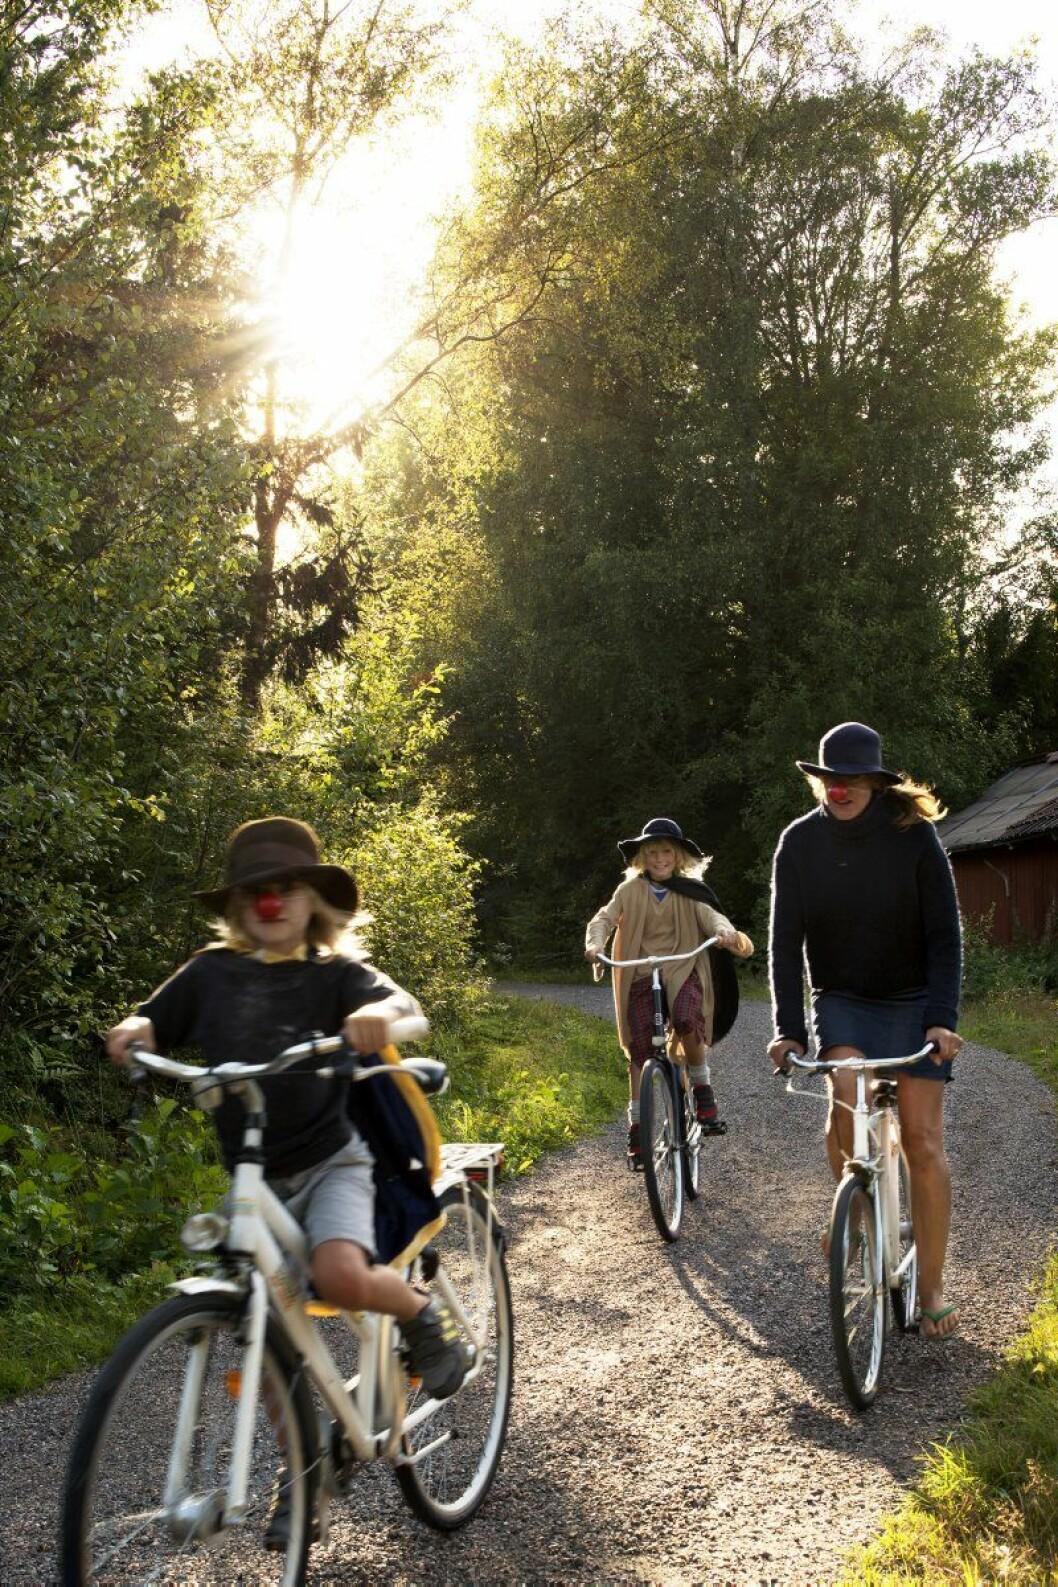 Se upp i backen, här kommer sommaren! Emma och barnen Julle och Fabbe i full karriär på cykel. På Arholma finns inga bilar.